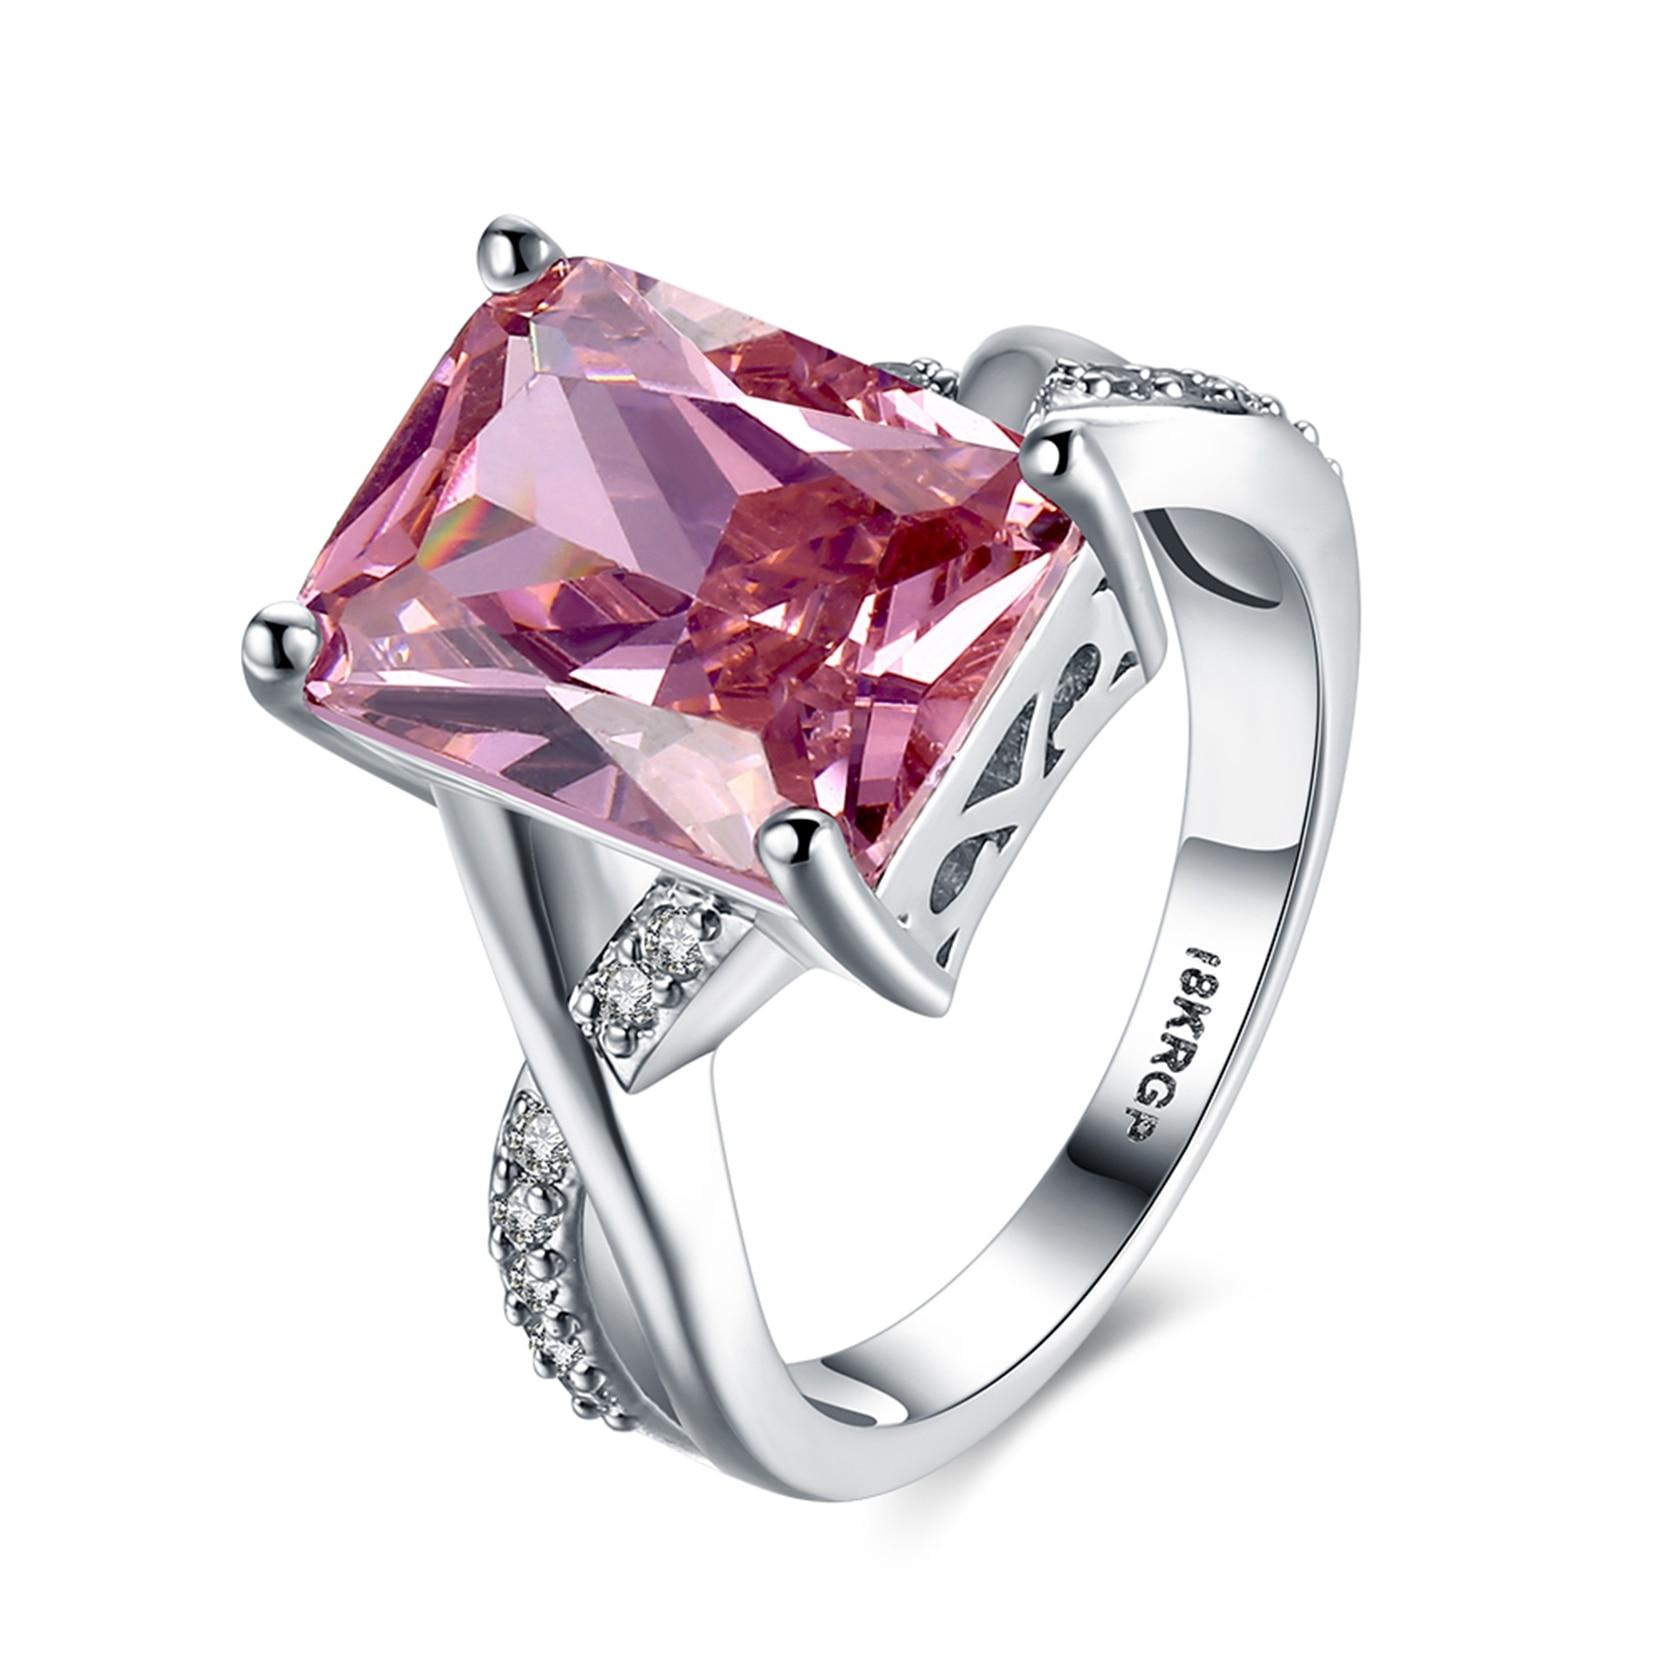 DROLE Unique Fashion Jewelry Pink Zircon CZ Stone Silver